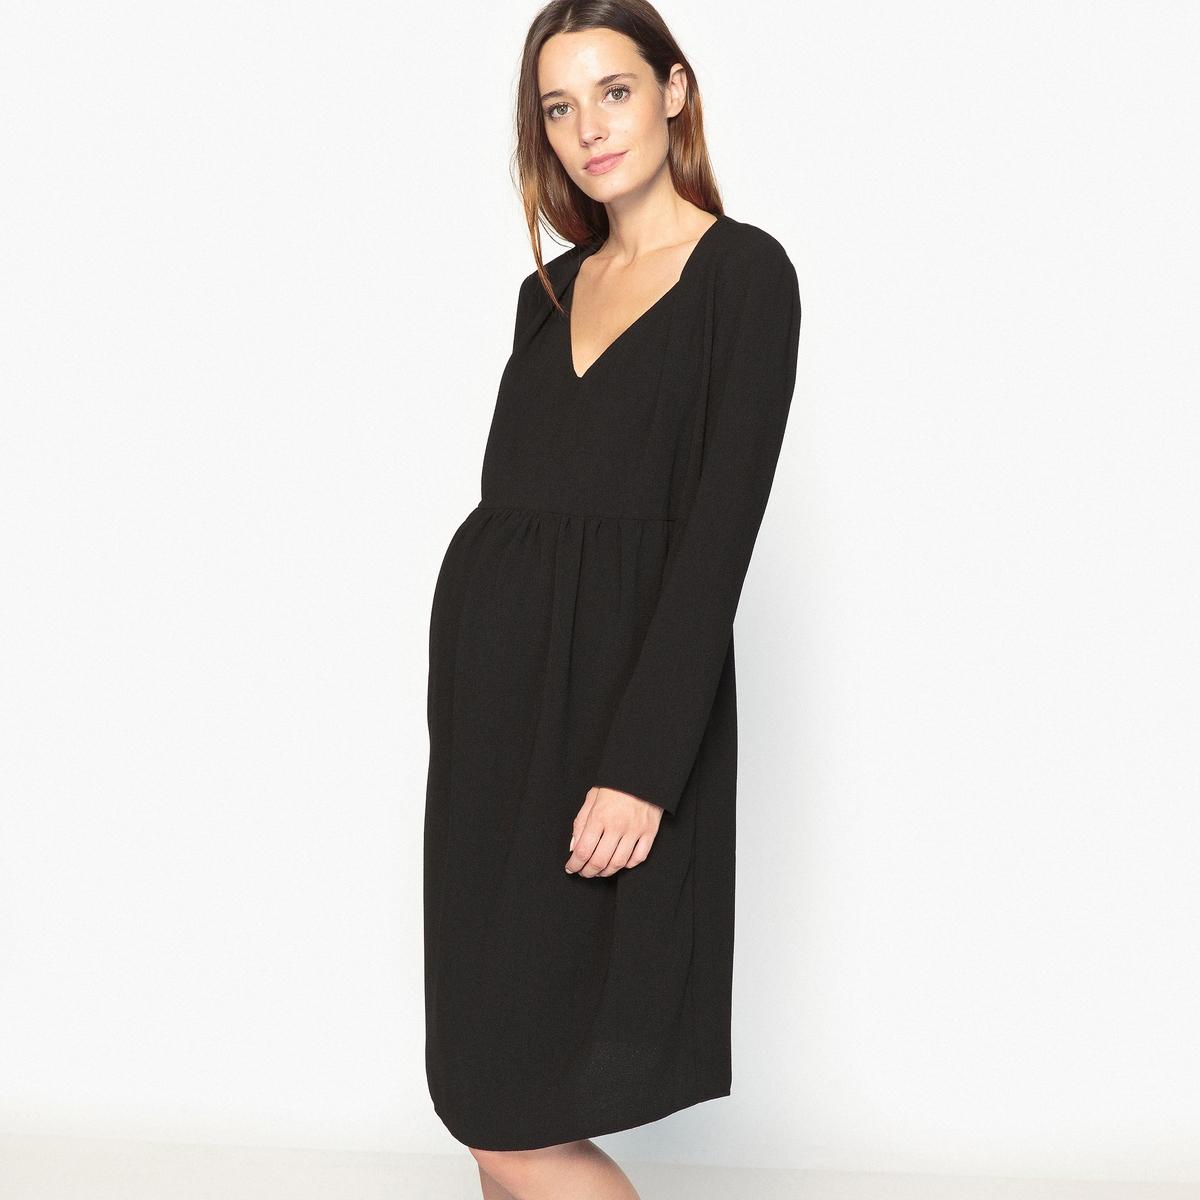 Платье с V-образным вырезом для периода беременностиДетали •  Форма : прямая •  Длина до колен •  Длинные рукава    •   V-образный вырезСостав и уход •  2% эластана, 98% полиэстера  •  Температура стирки при 30° на деликатном режиме   •  Сухая чистка и отбеливание запрещены •  Не использовать барабанную сушку •  Низкая температура глажкиМодель адаптирована для периода беременности  •  Длина  : 99 см<br><br>Цвет: красный,черный<br>Размер: 46 (FR) - 52 (RUS).46 (FR) - 52 (RUS).40 (FR) - 46 (RUS).38 (FR) - 44 (RUS)